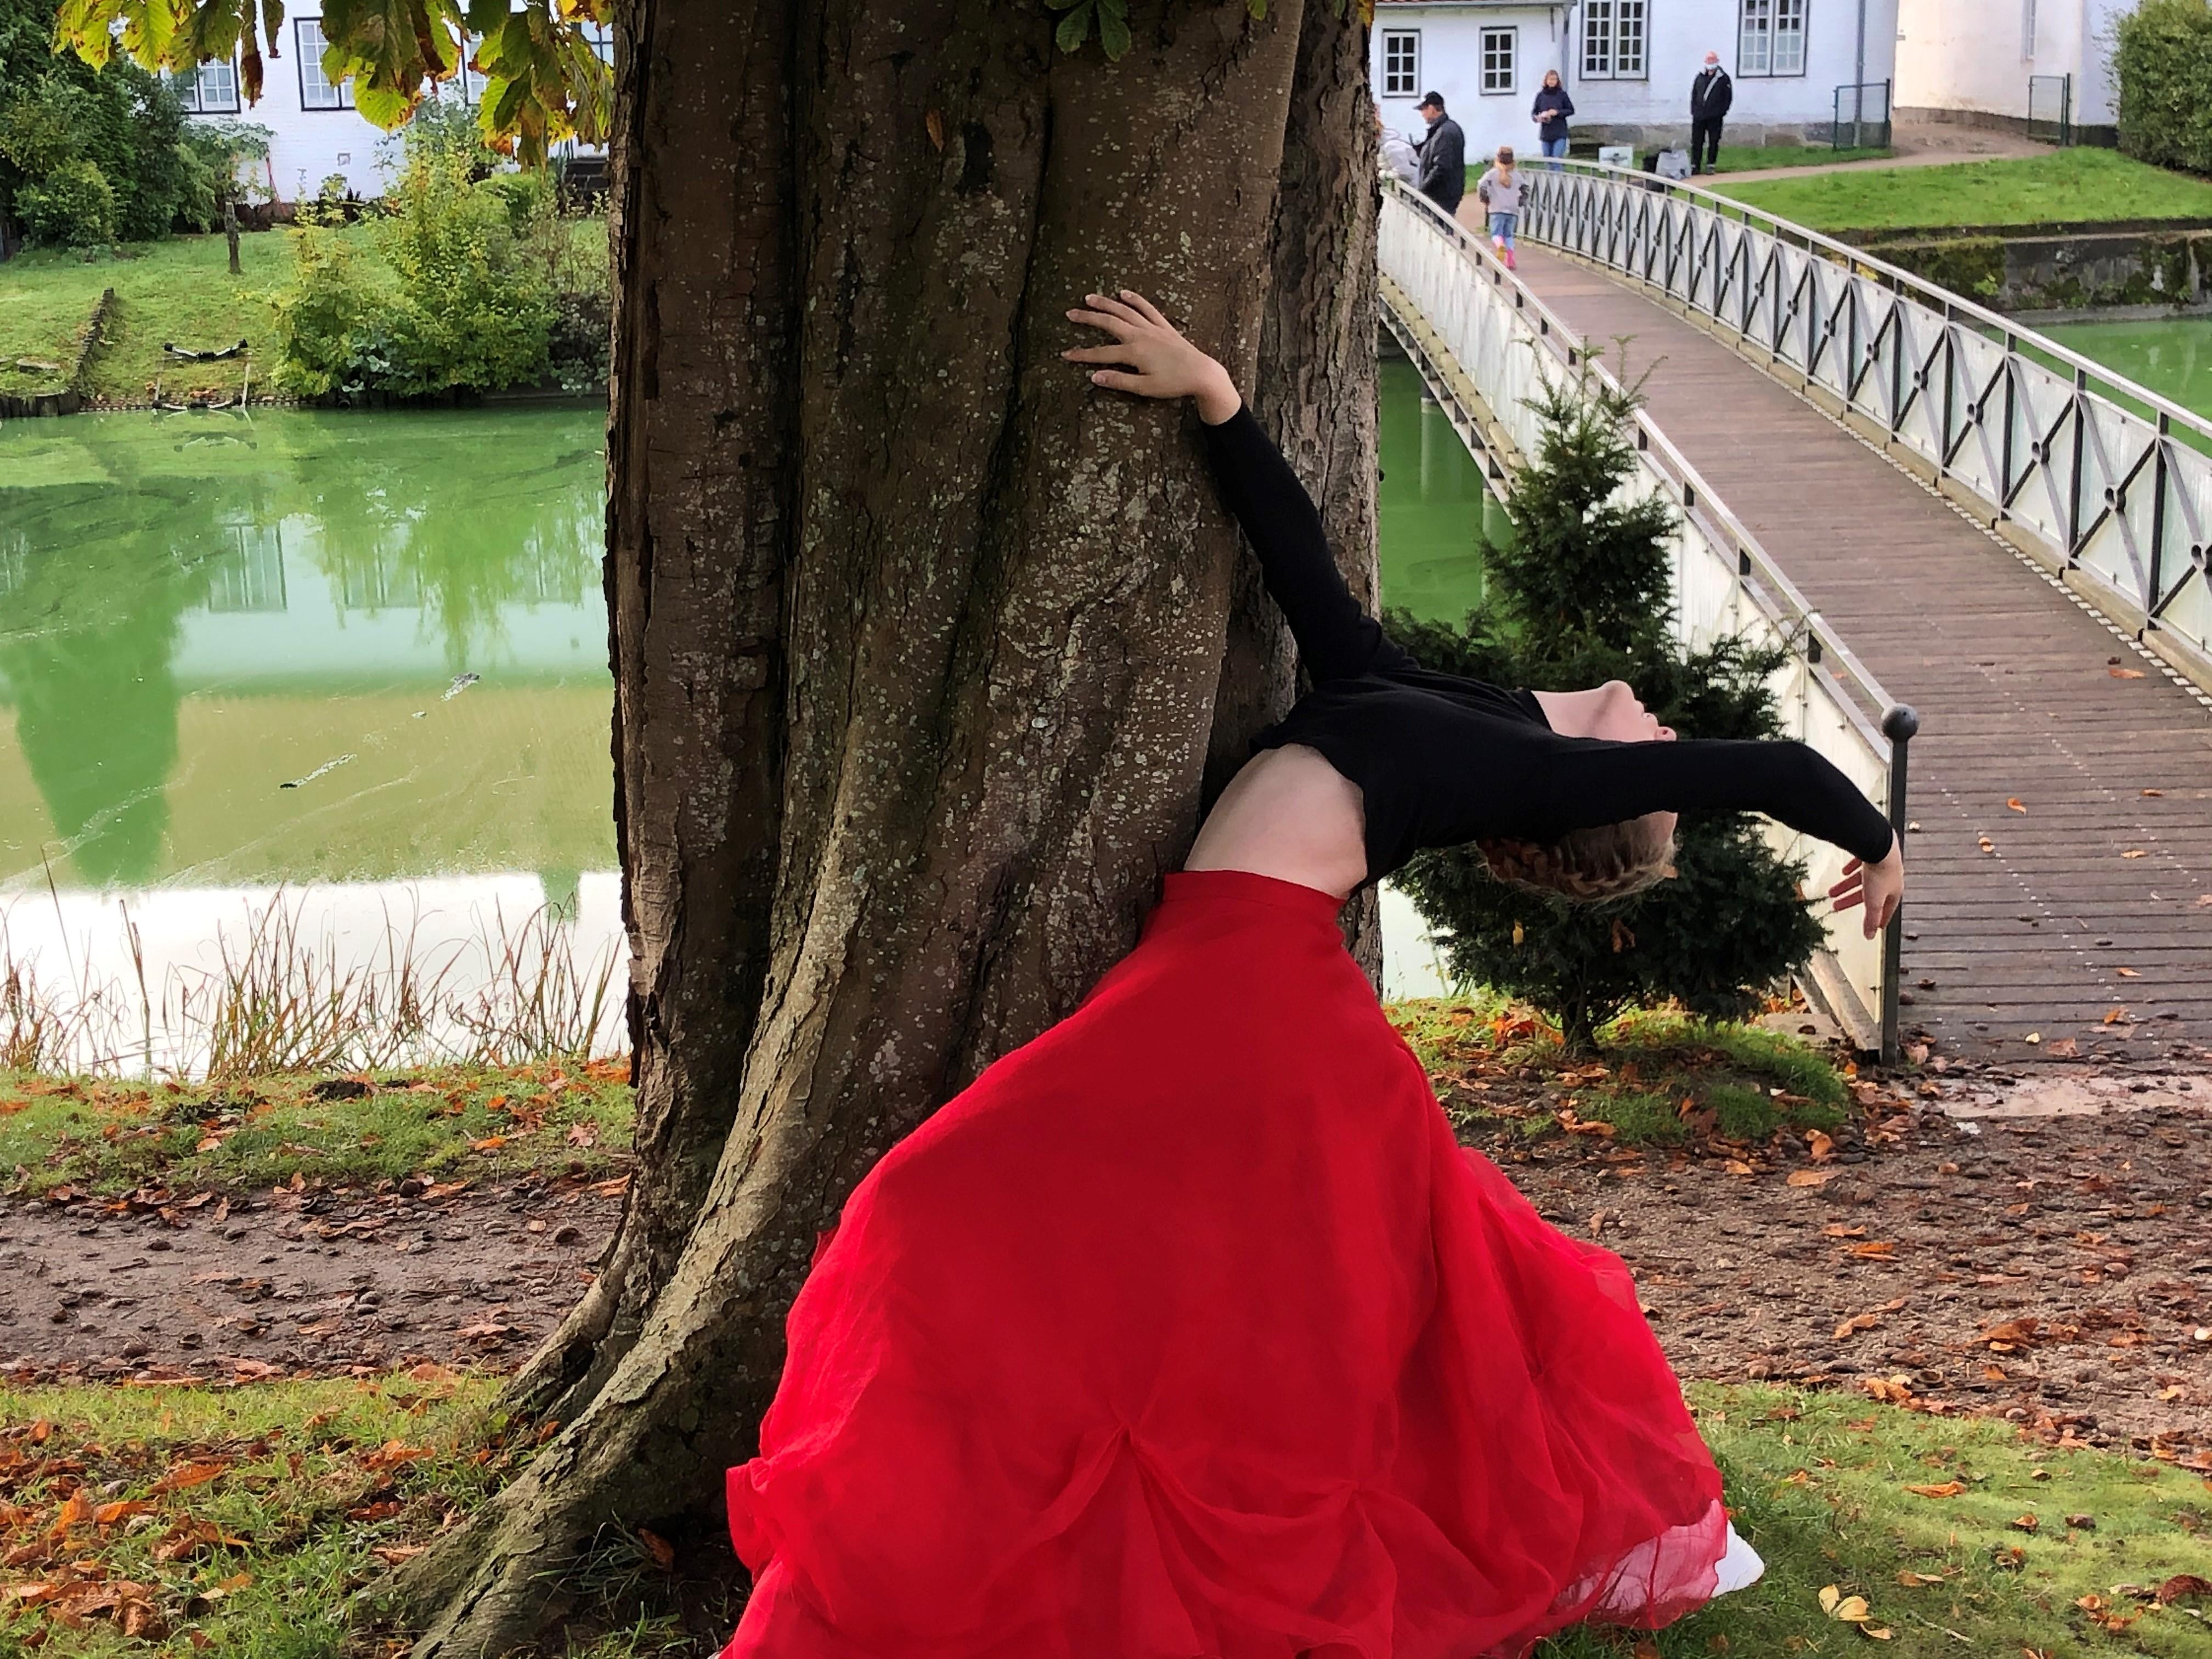 eine junge Frau hält sich bei einer Tanzpose an einem dicken Kastanienbaum fest. Sie hat einen langen, knallroten Rock an sowie ein langärmliges, bauchfreies schwarzes Oberteil. Ihr Oberkörper ist anmutig weit nach hinten gebogen, und ihr Kopf in den Nacken gelegt. Im Hintergrund ein Fluss und eine Fußgängerbrücke